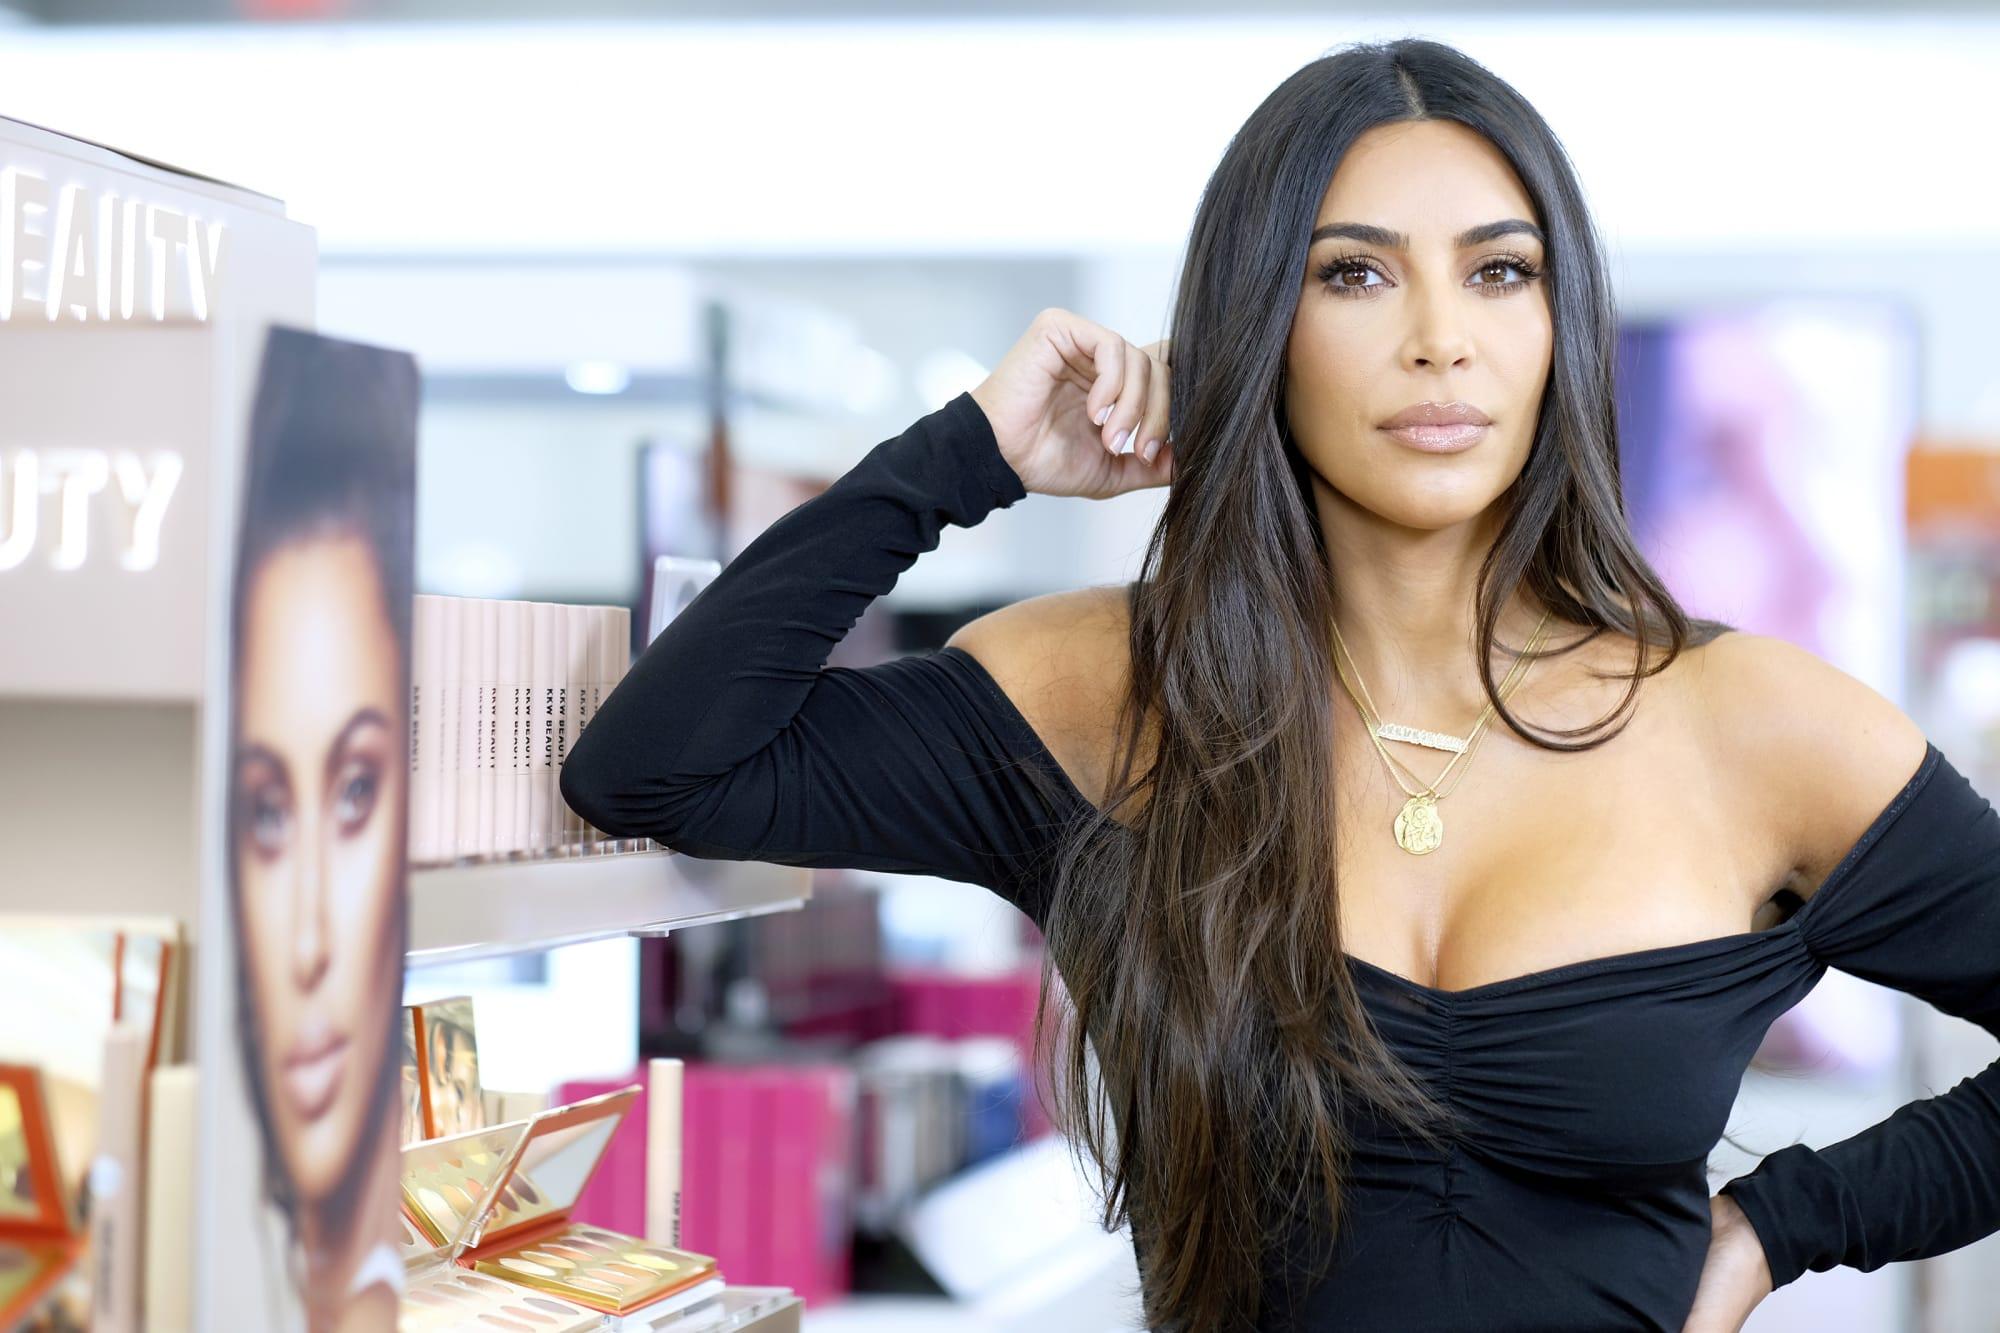 The shocking reason Kim Kardashian is divorcing Kanye West revealed